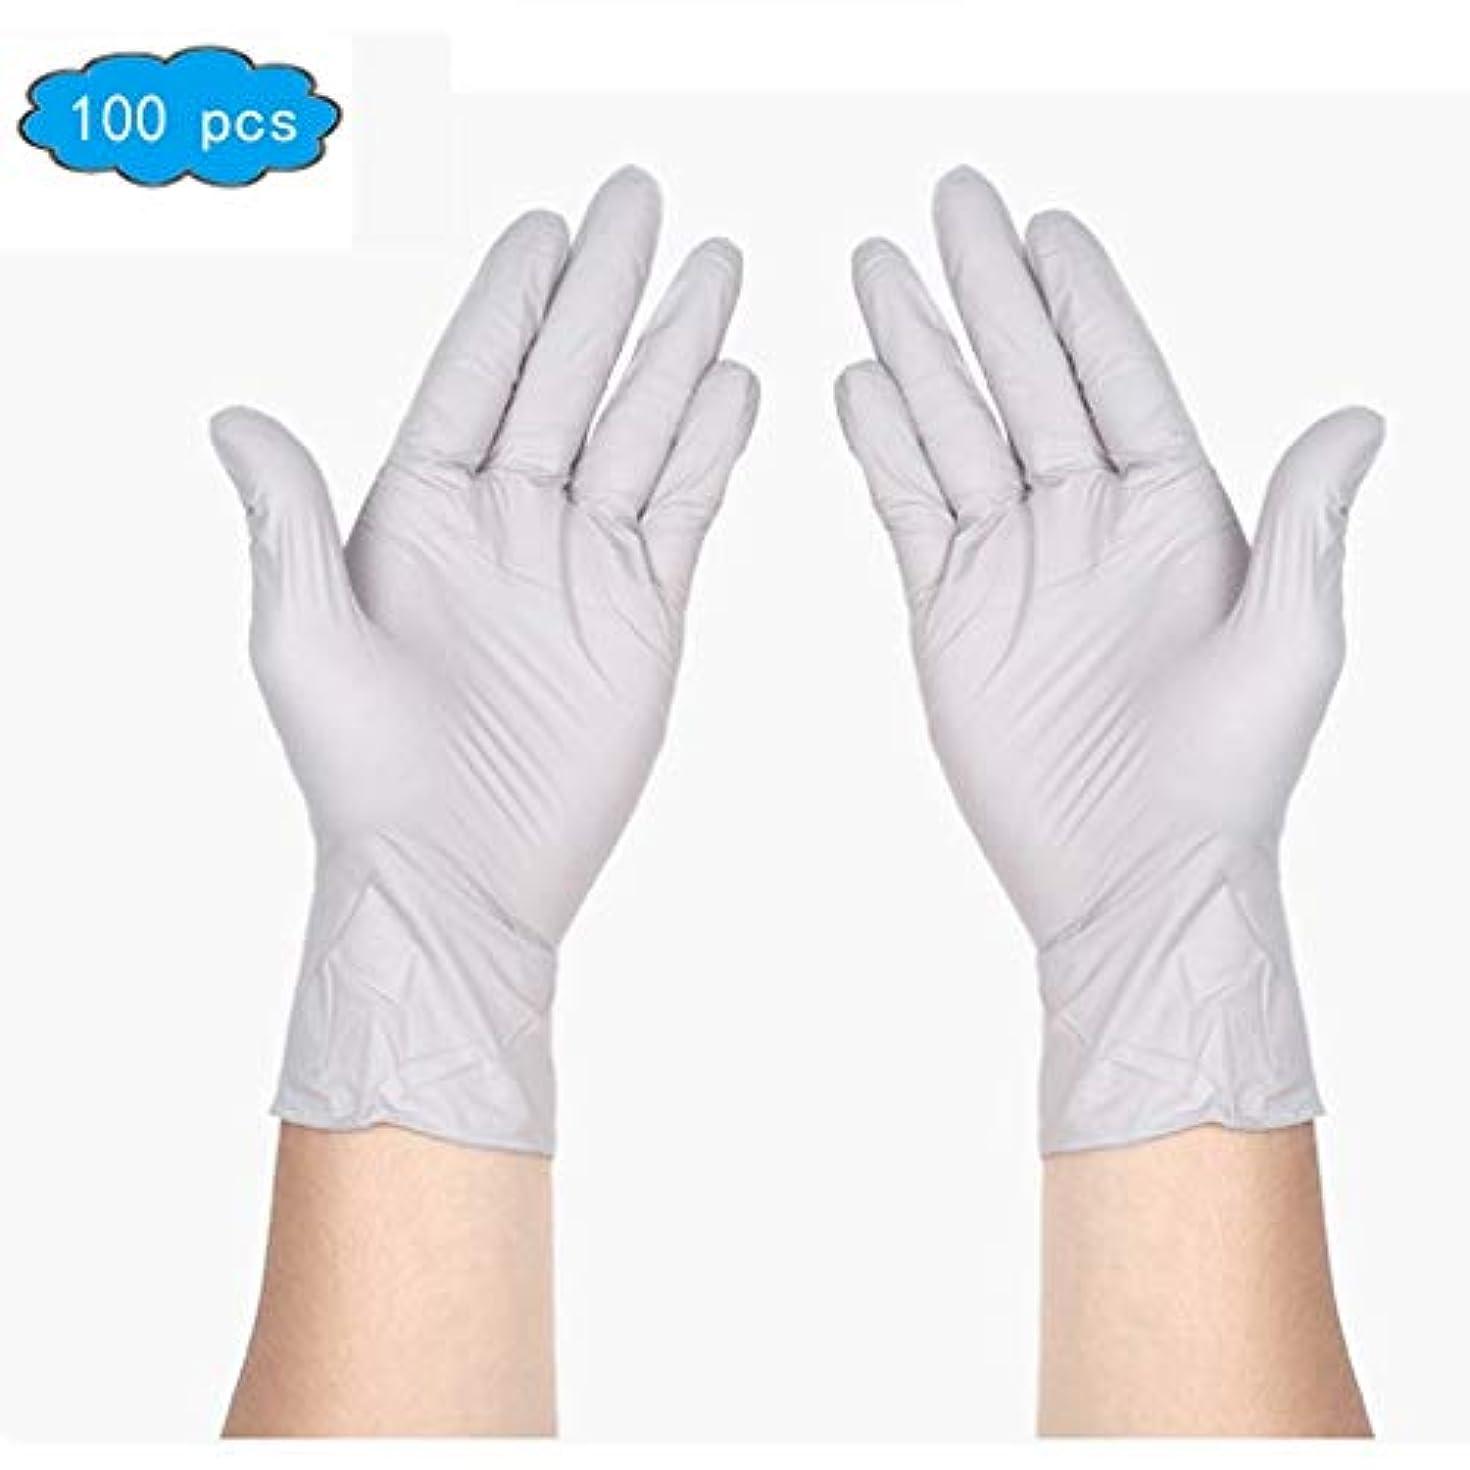 ファウルためにれるニトリル試験用手袋 - 医療用グレード、パウダーフリー、ラテックスラバーフリー、使い捨て、非滅菌、食品安全、テクスチャード加工、白色、2.5ミル、便利なディスペンサー、100個入り、サニタリーグローブ (Color :...